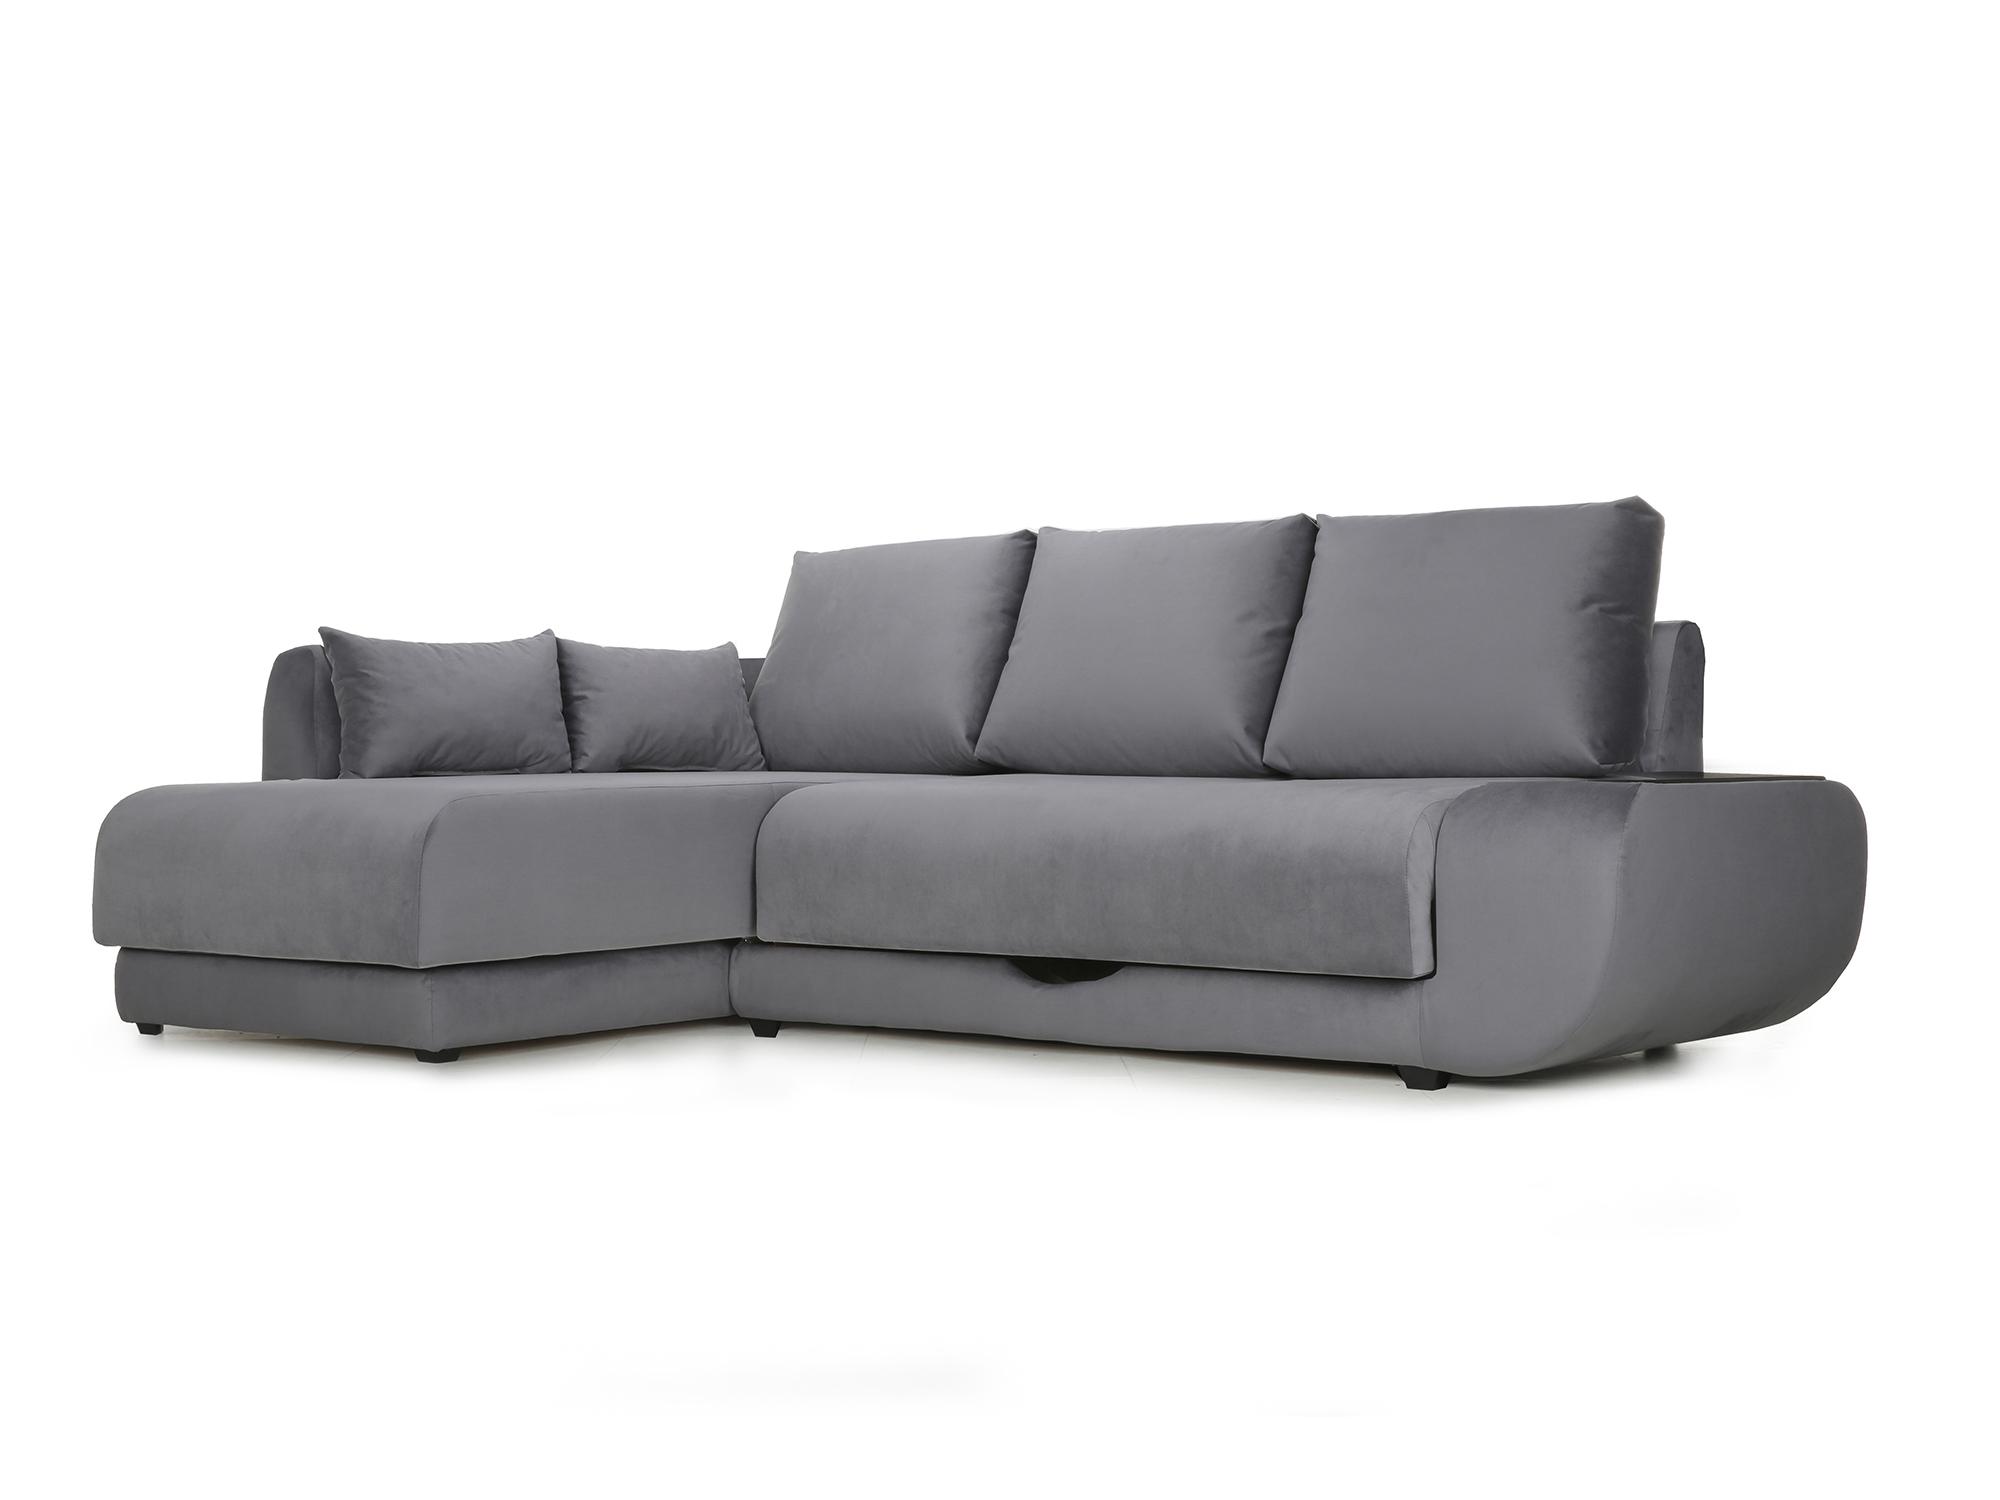 Угловой диван с независимым пружинным блоком Поло ПБ (Нью-Йорк) Левый MebelVia Черный